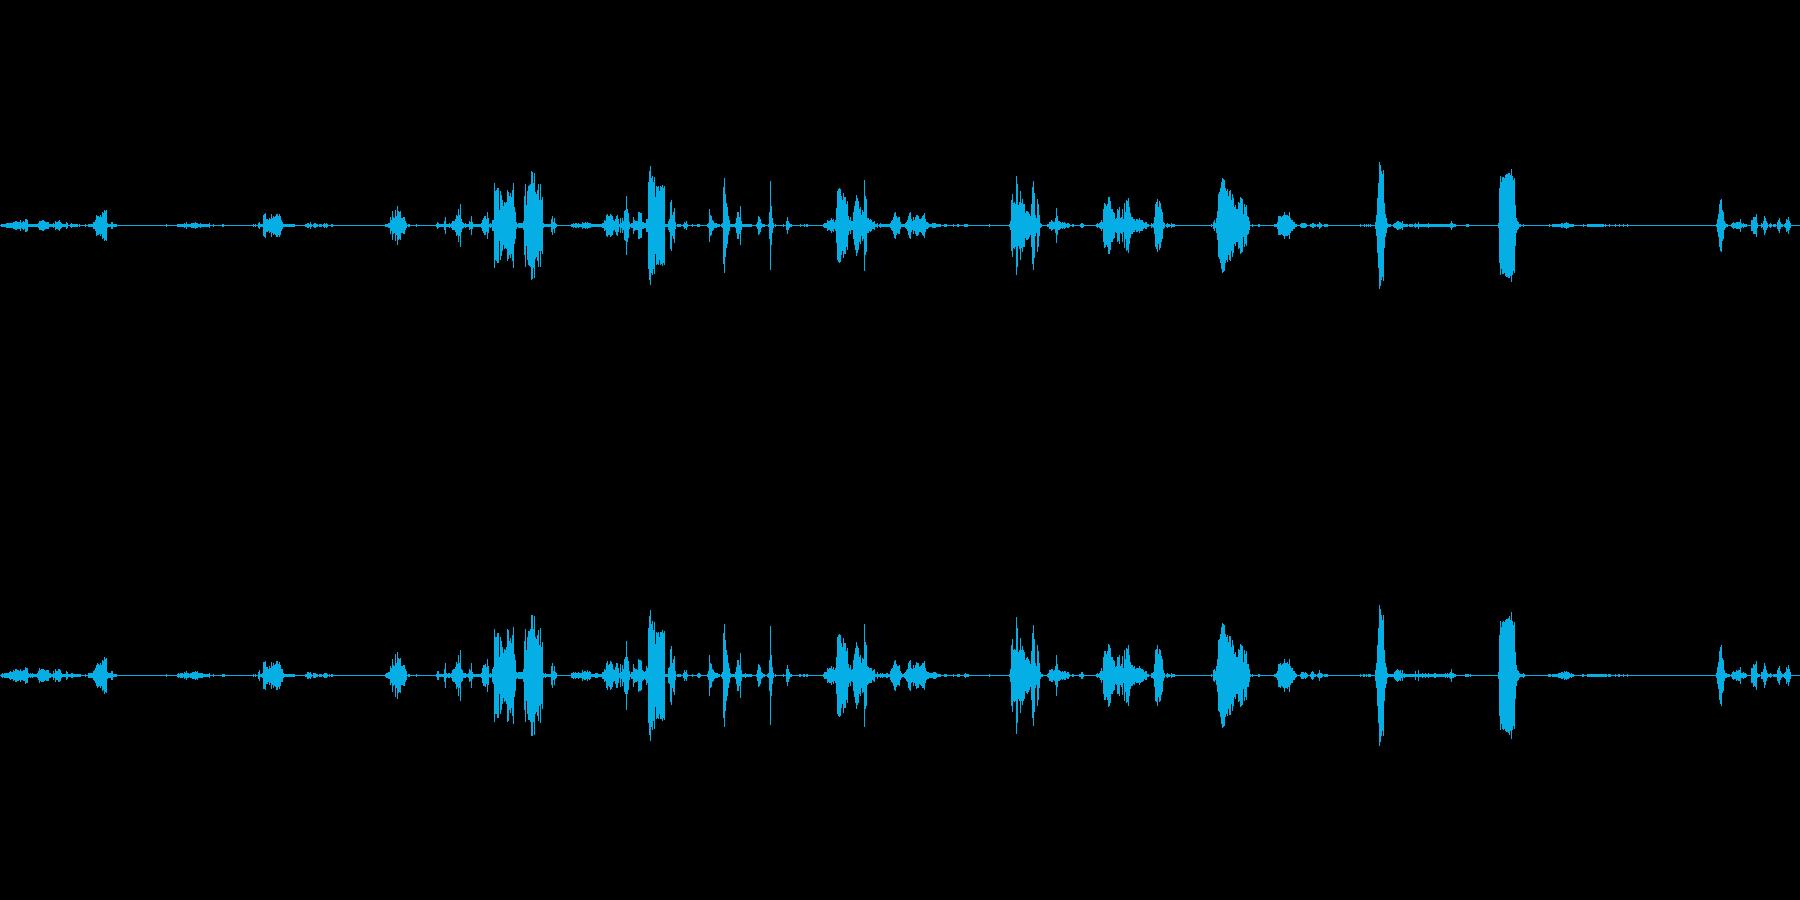 鳴き声、種牡馬の鳴き声、動物の再生済みの波形